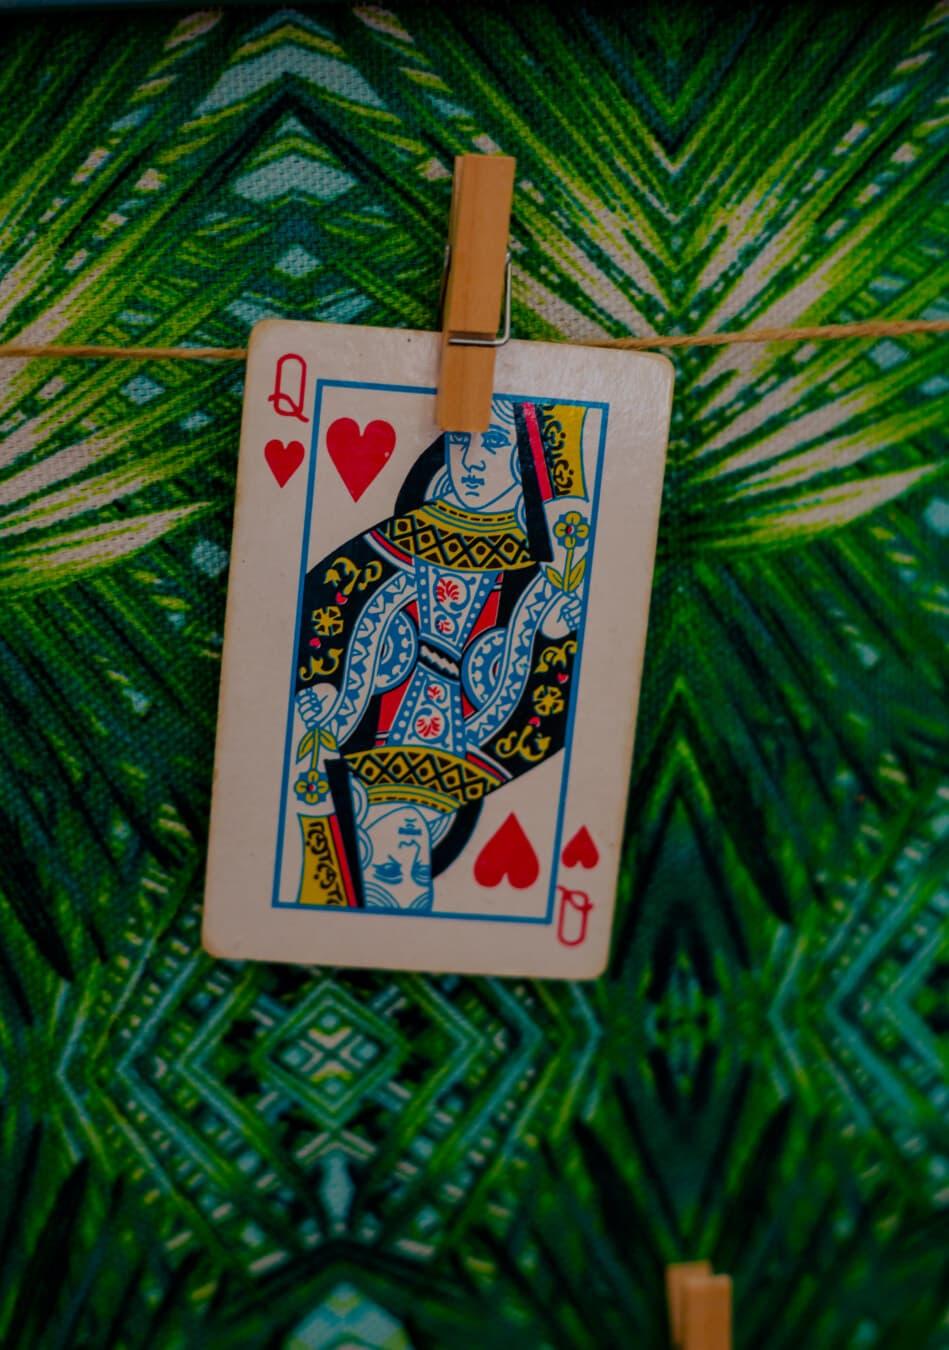 Королева, карты, повешение, канат, Казино, Удача, риск, Карта, игра, веселье